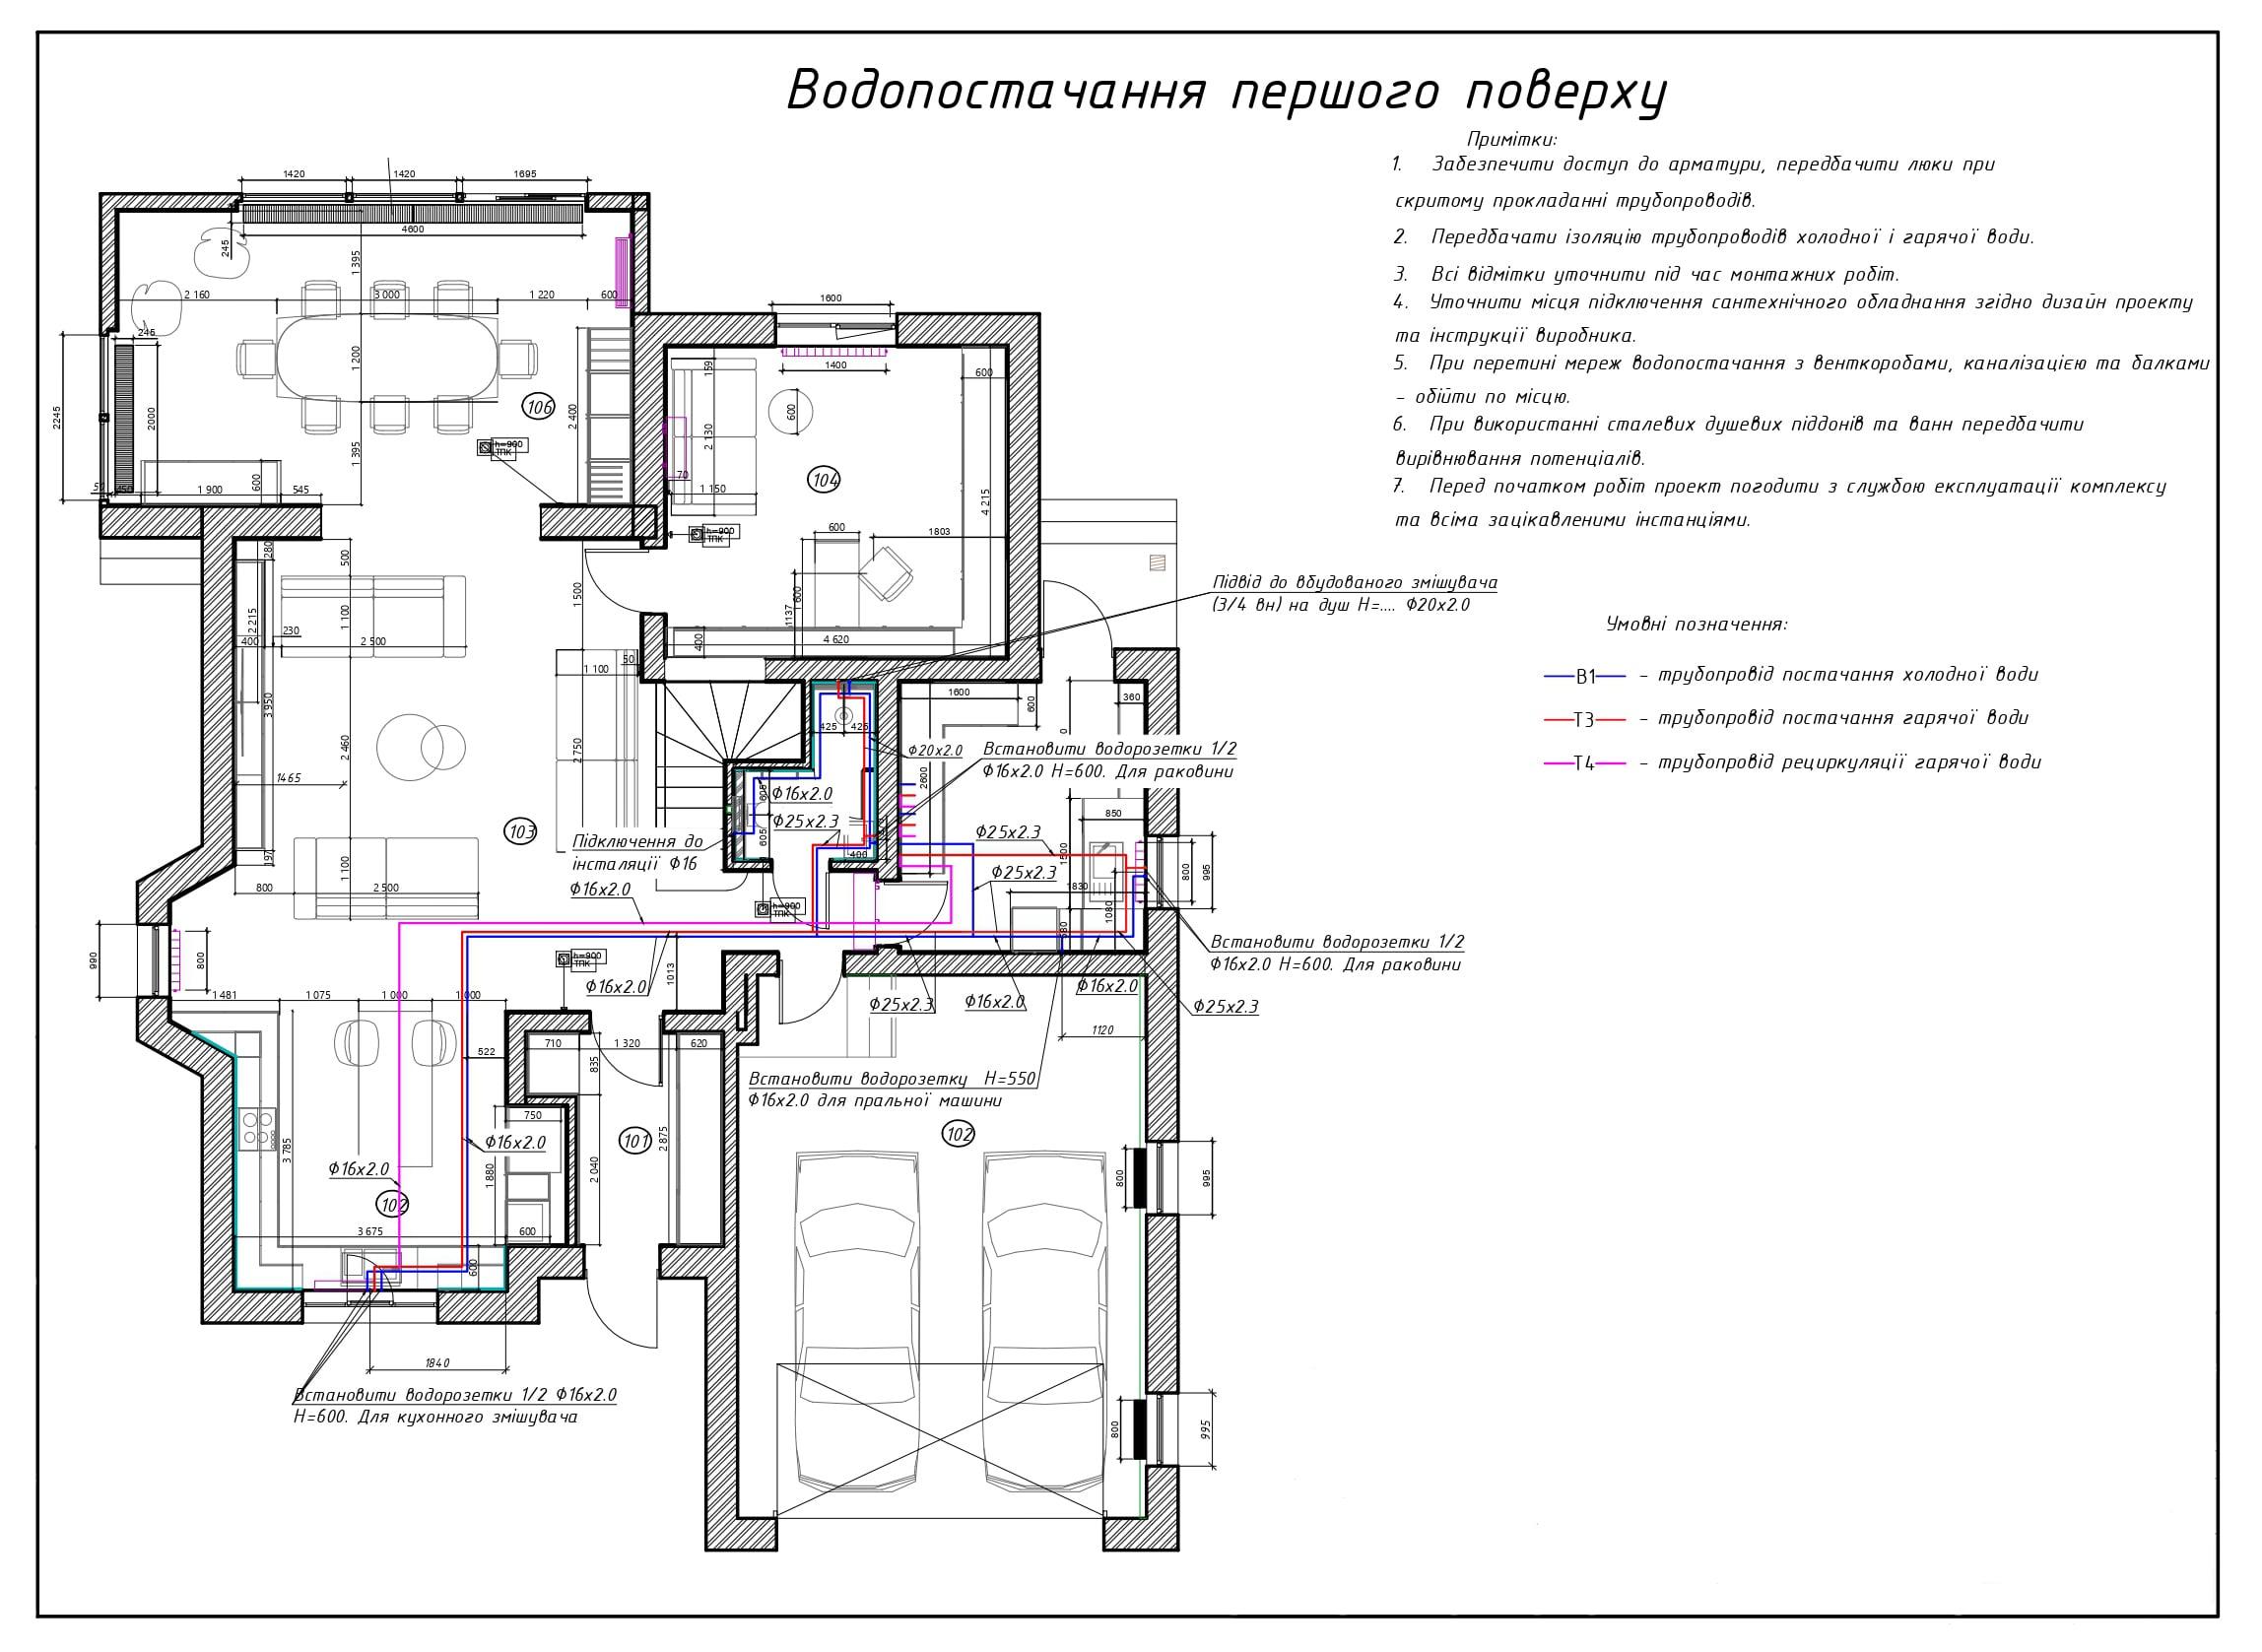 Приклад проєктування системи водопостачання на 1 поверсі приватного будинку